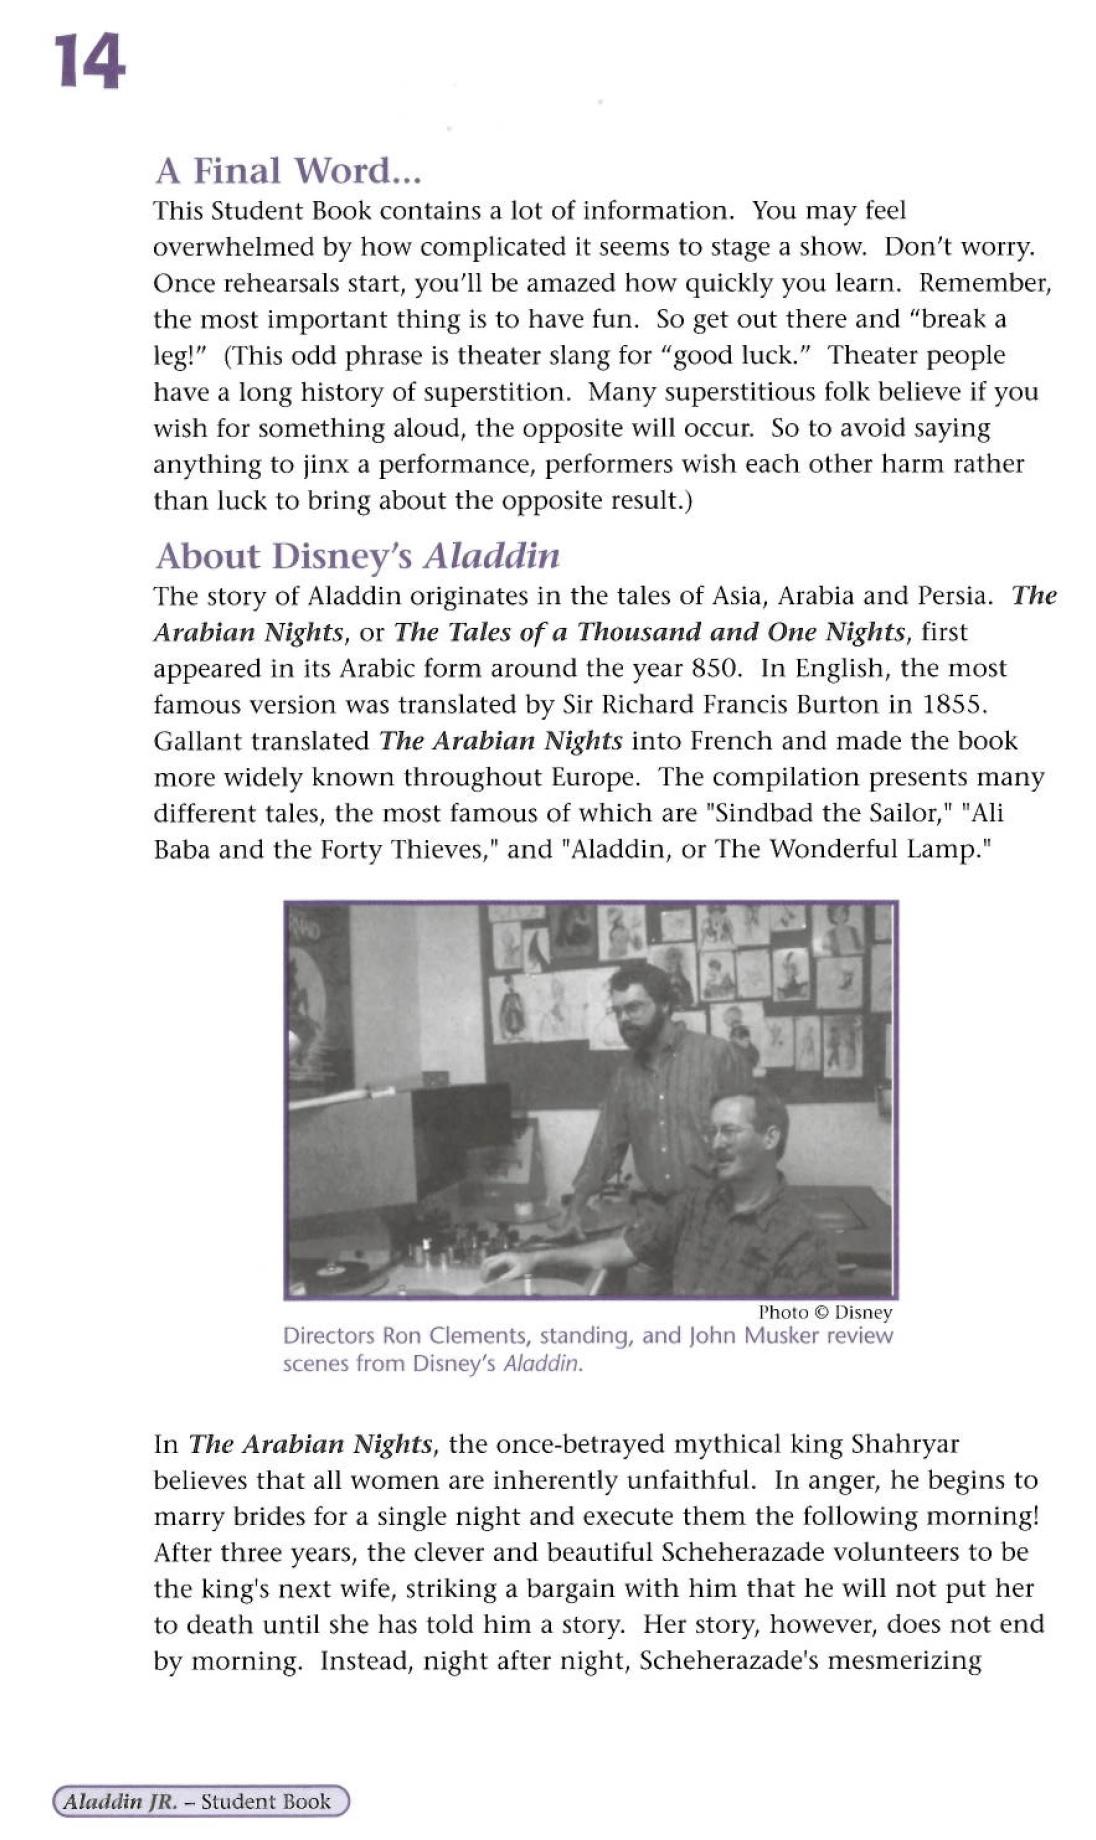 About Aladdin